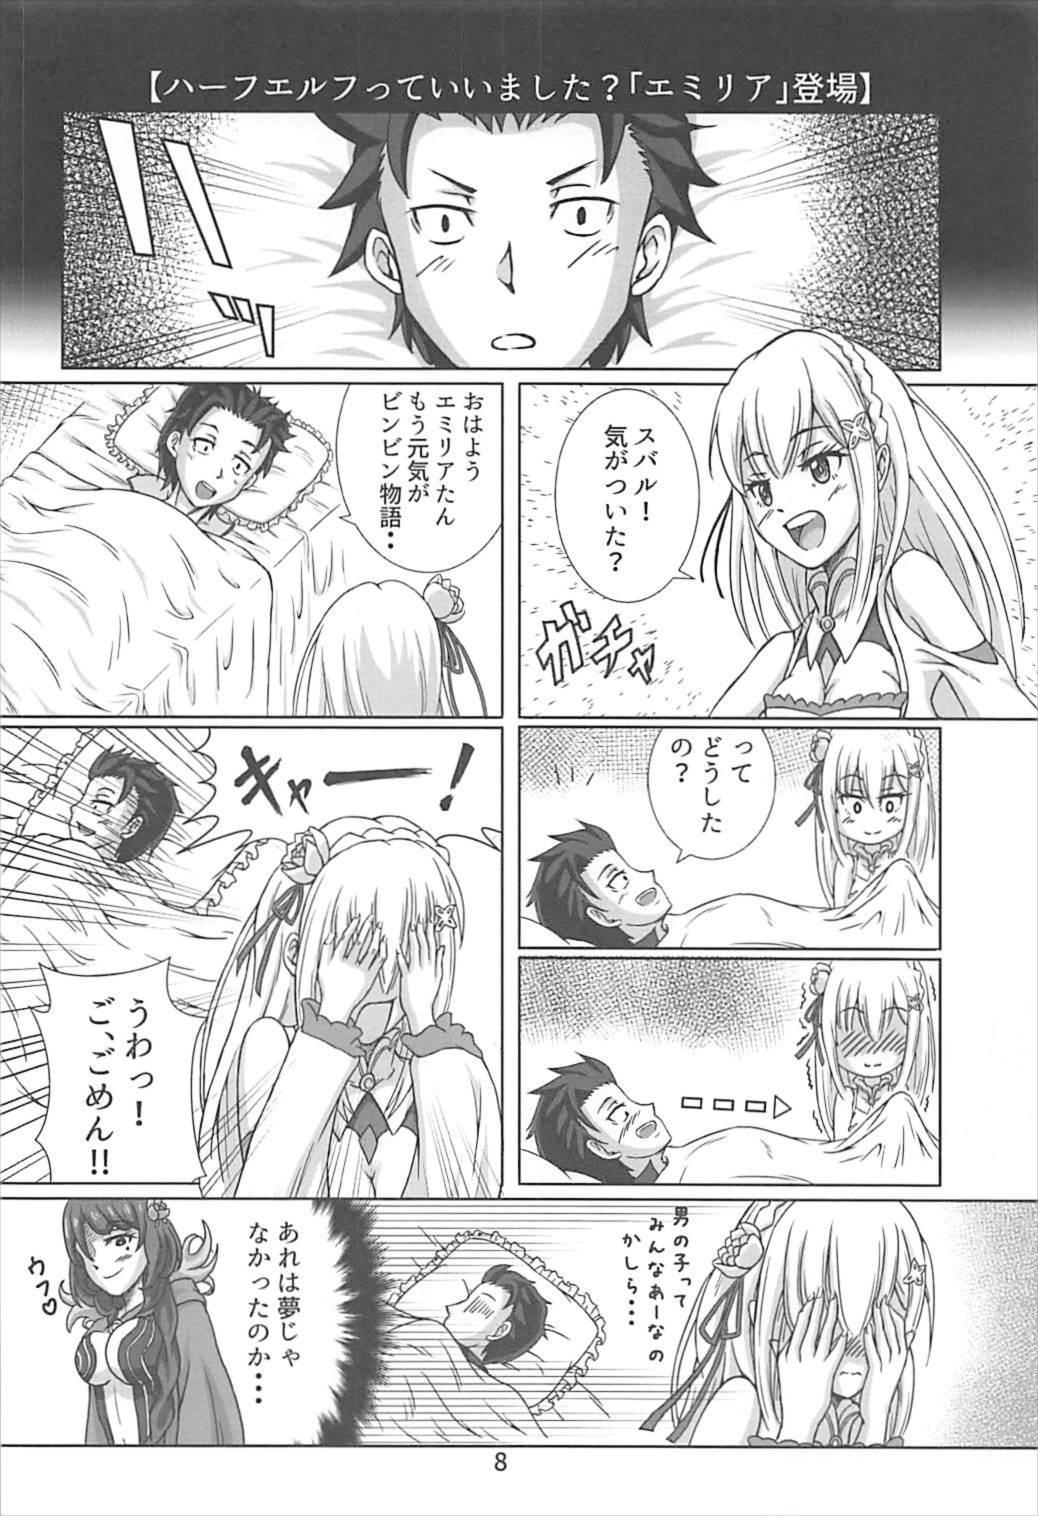 Re:Iku made Tsuzukeru Isekai Seikatsu 6